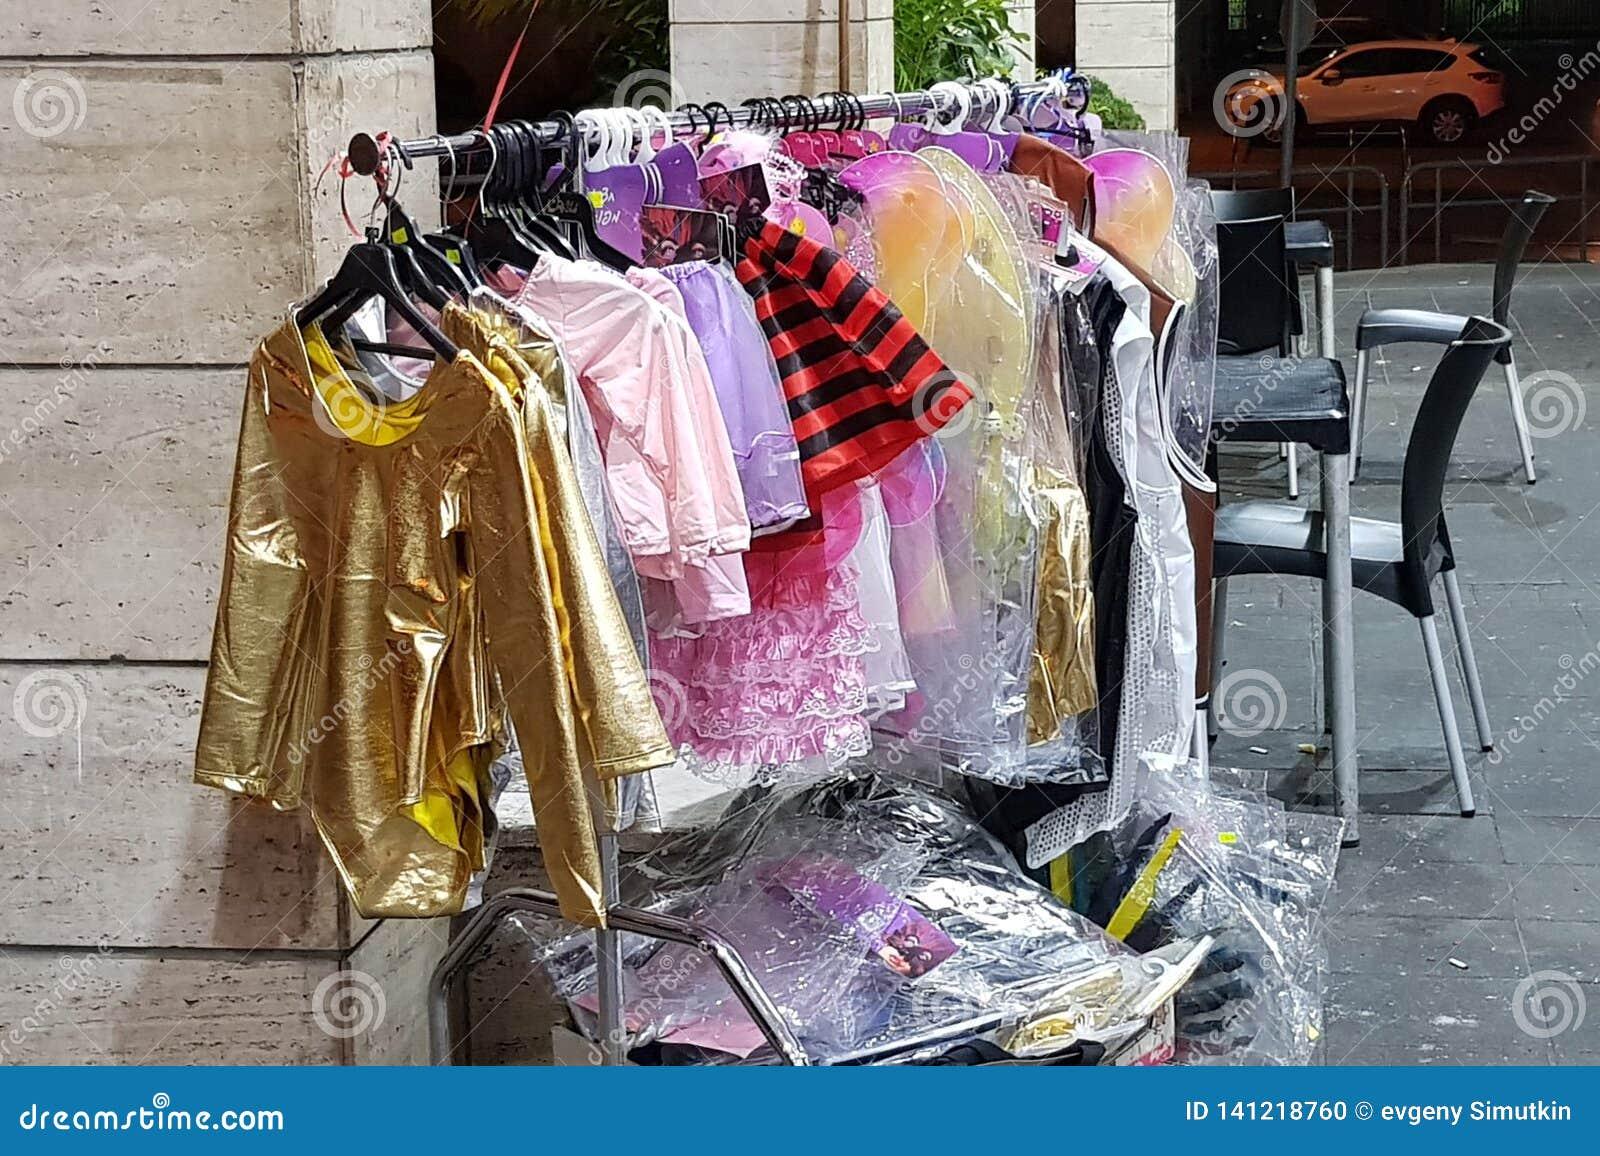 Rishon lezion, Izrael - marsz 5 2019: Śmieszni kolorowi ubrania dla dzieci wystawiających dla sprzedaży w sklepie przed żydowskim